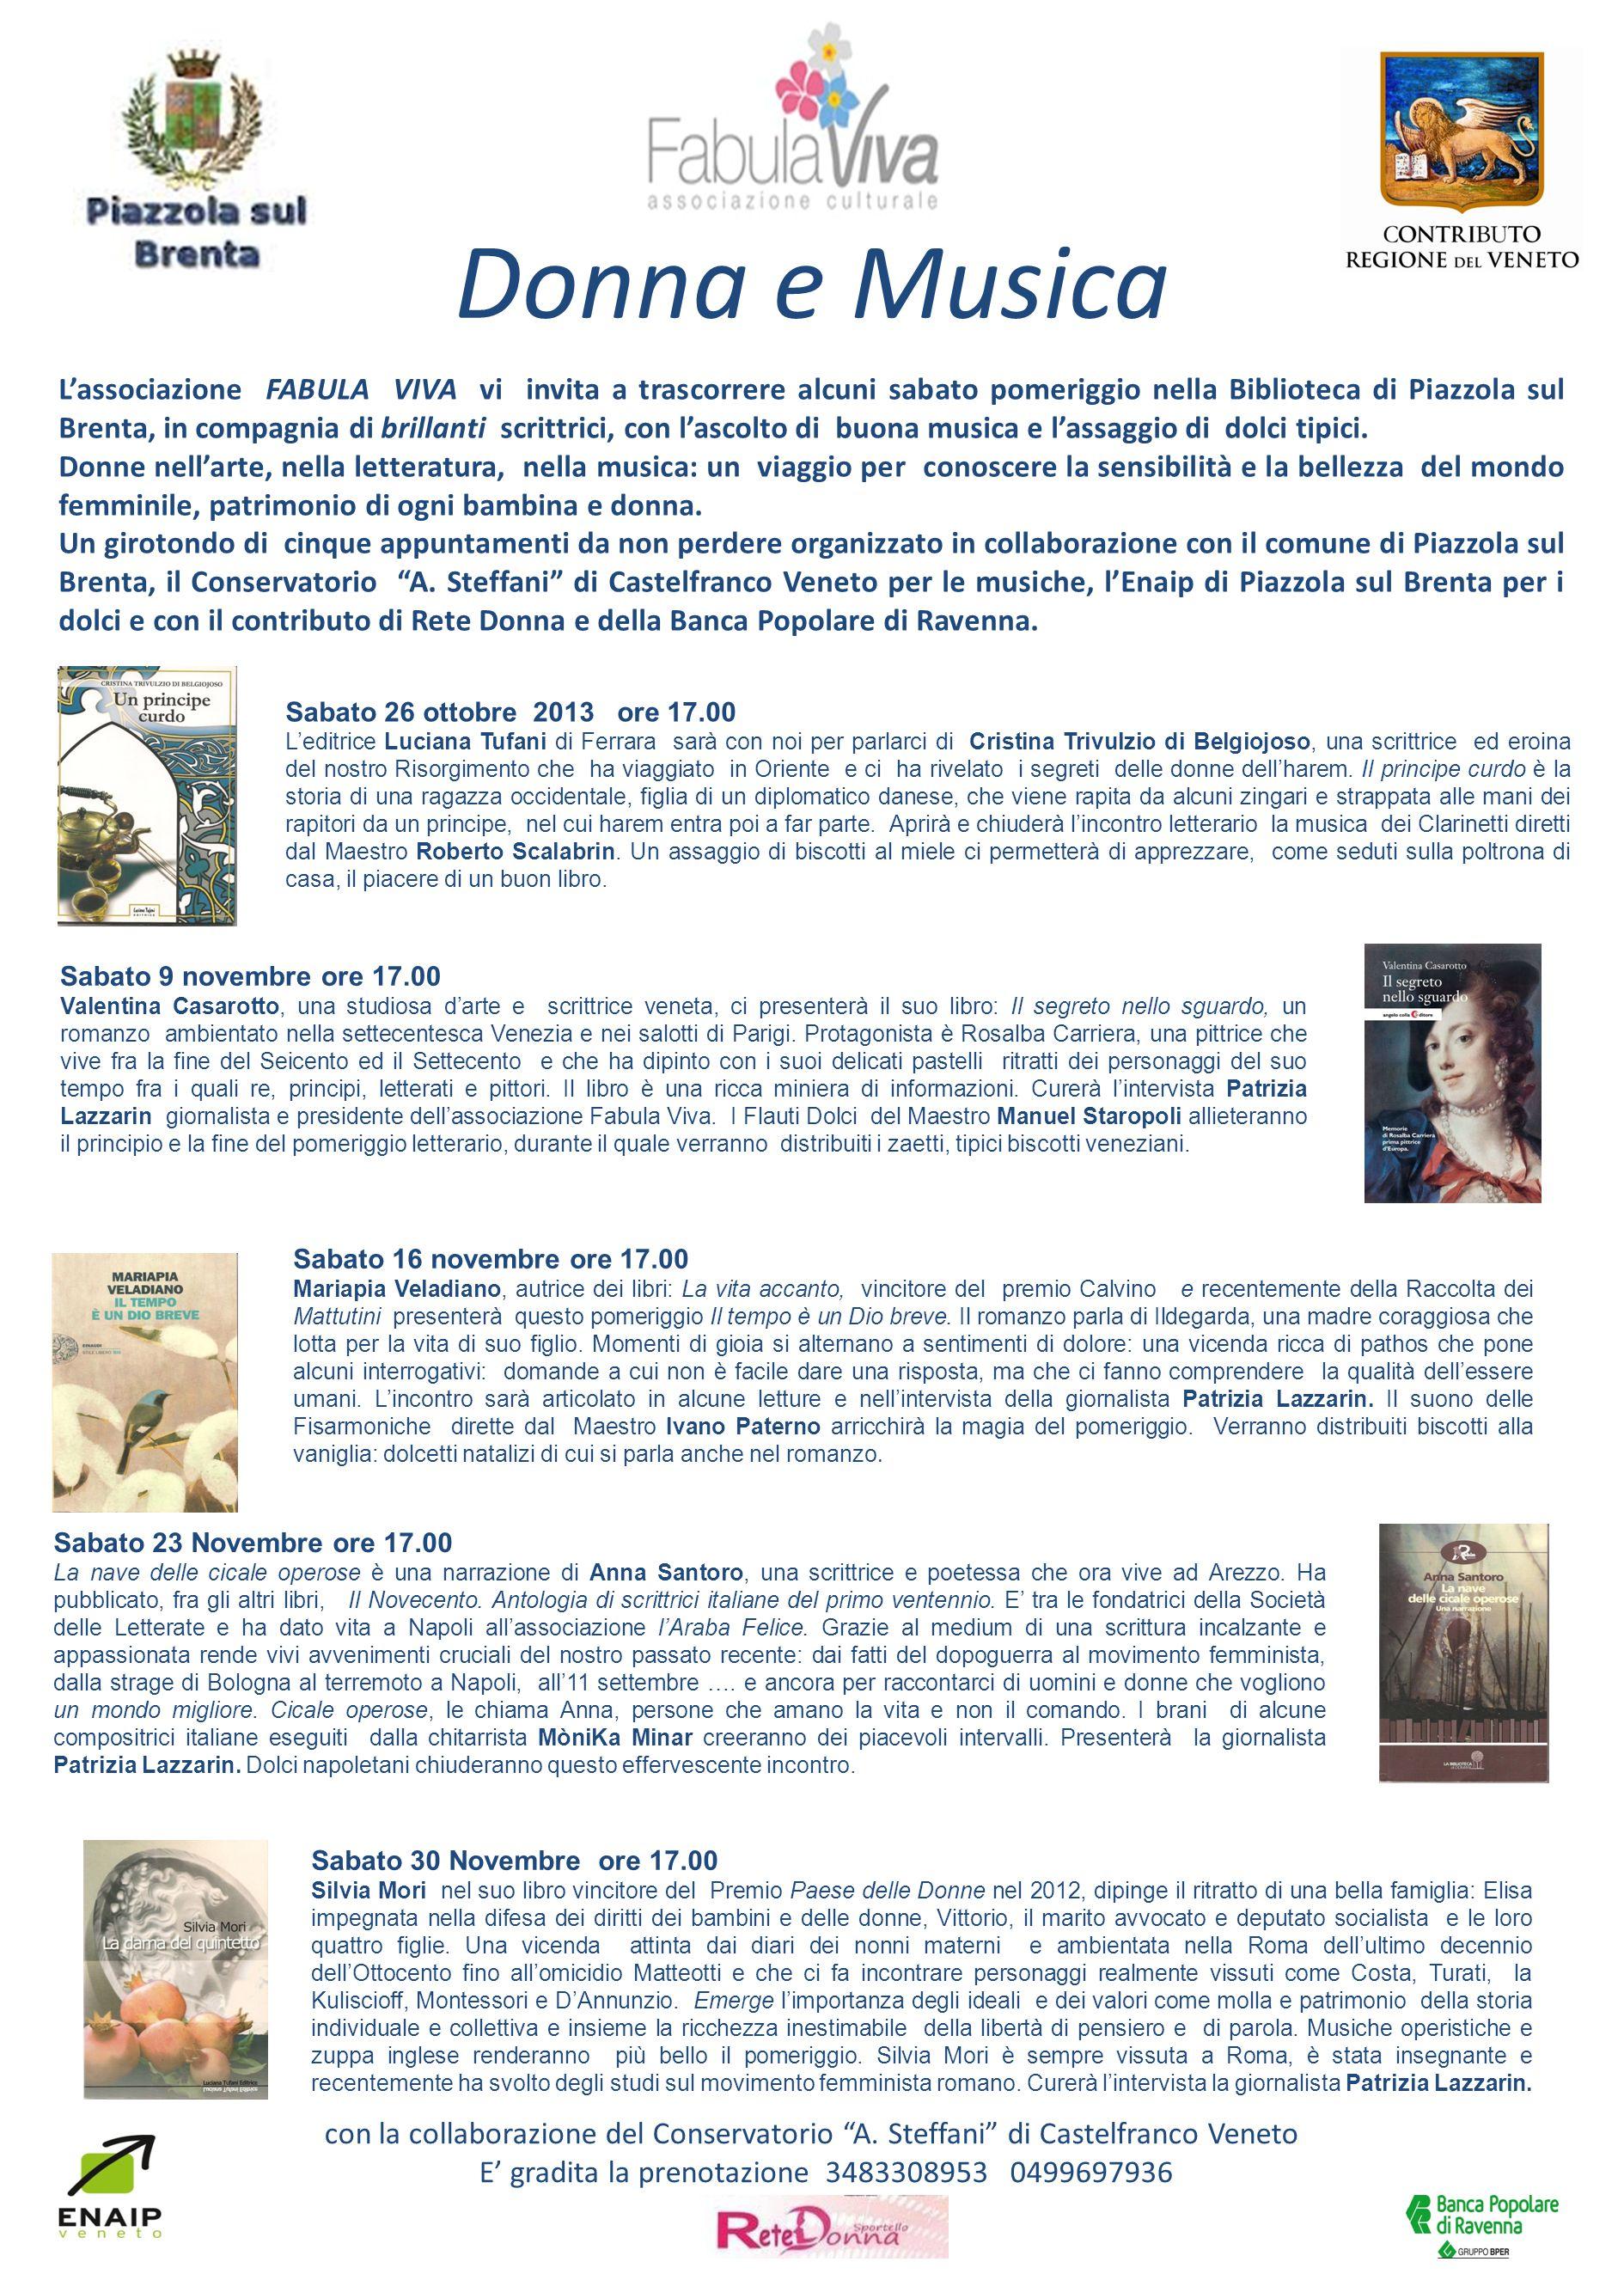 Donna e Musica L'associazione FABULA VIVA vi invita a trascorrere alcuni sabato pomeriggio nella Biblioteca di Piazzola sul Brenta, in compagnia di brillanti scrittrici, con l'ascolto di buona musica e l'assaggio di dolci tipici.